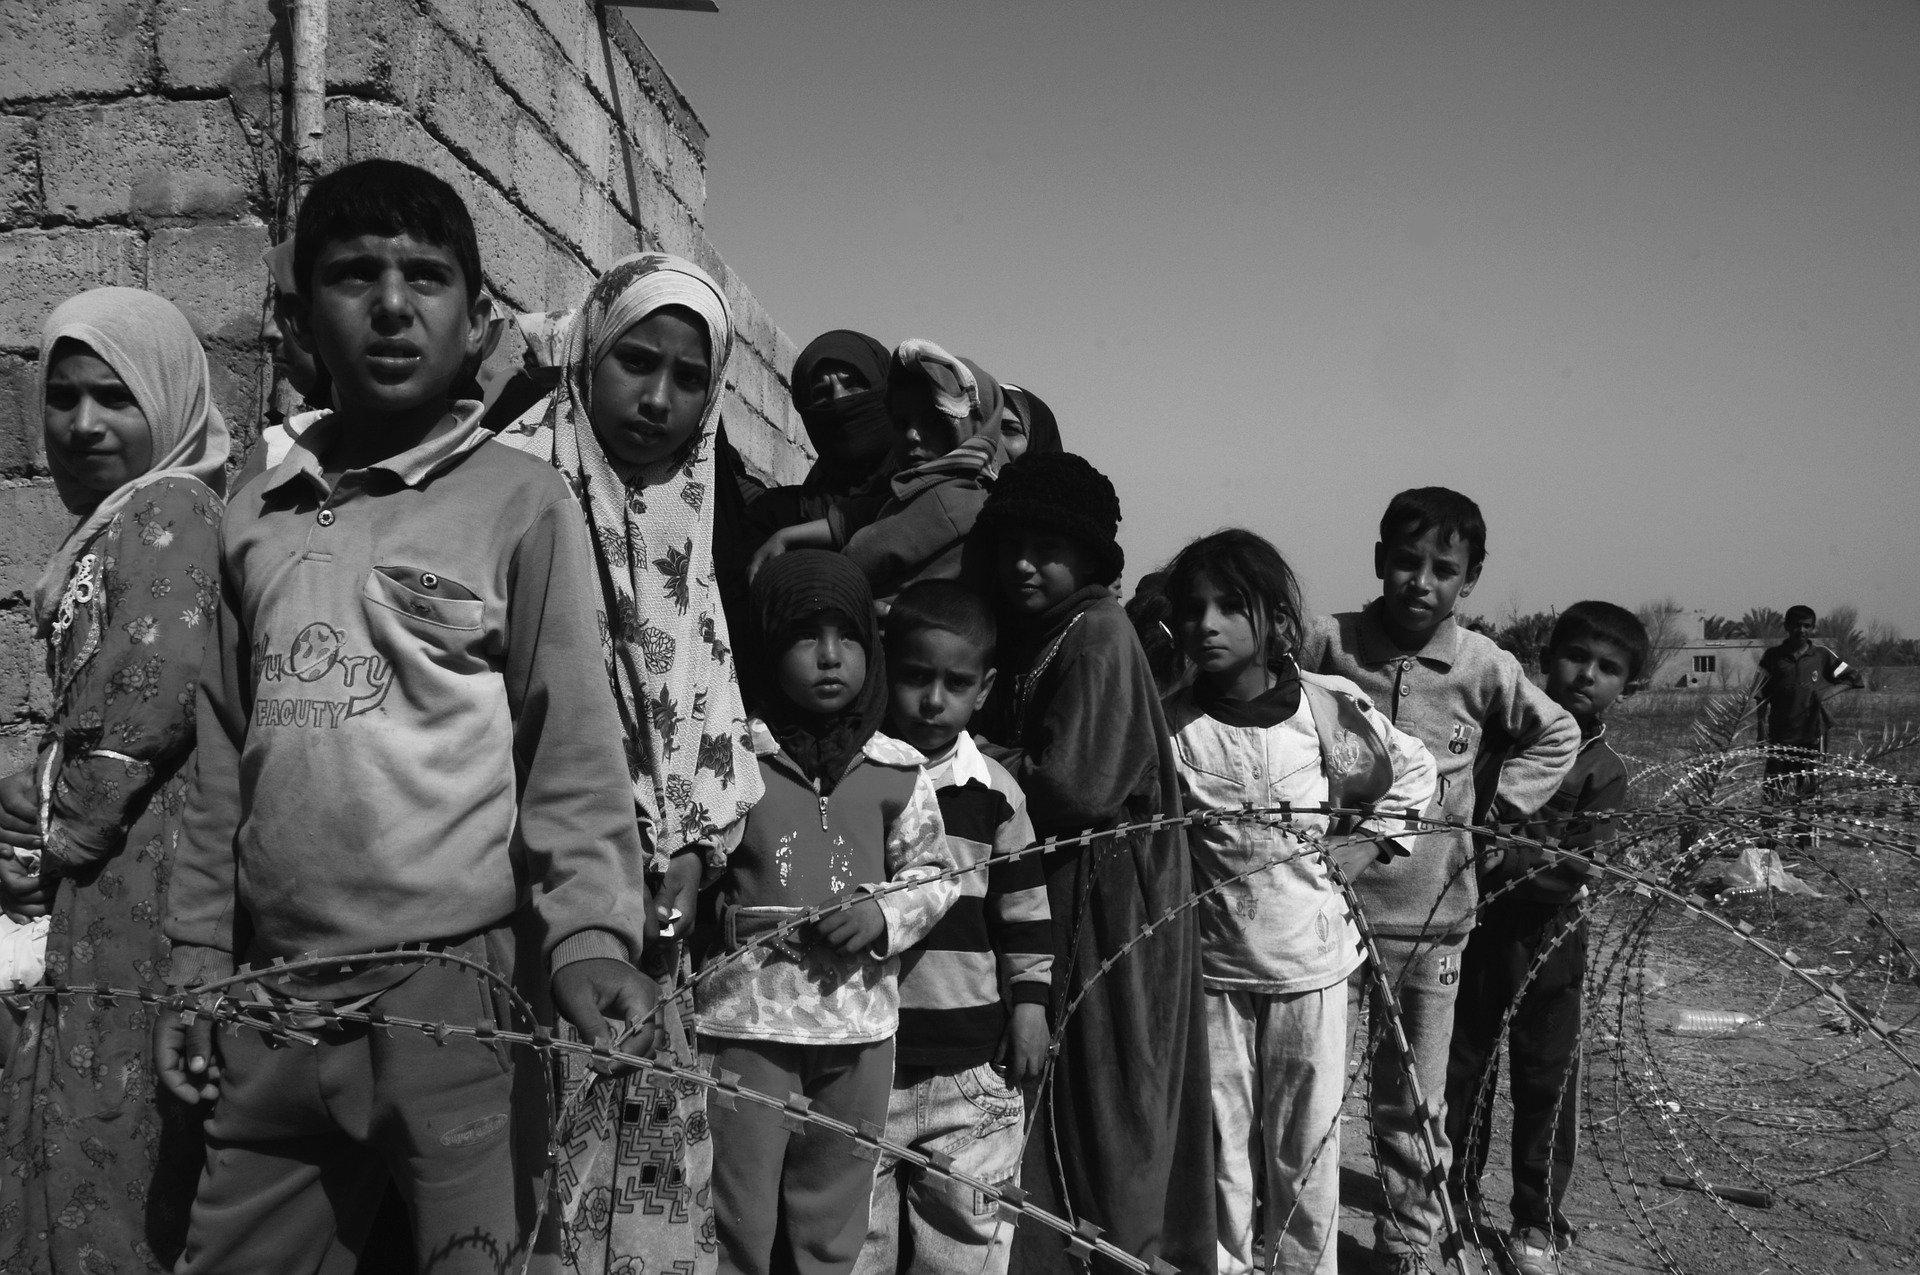 Ni en época de pandemia, cesan las guerras contra los países más pobres.